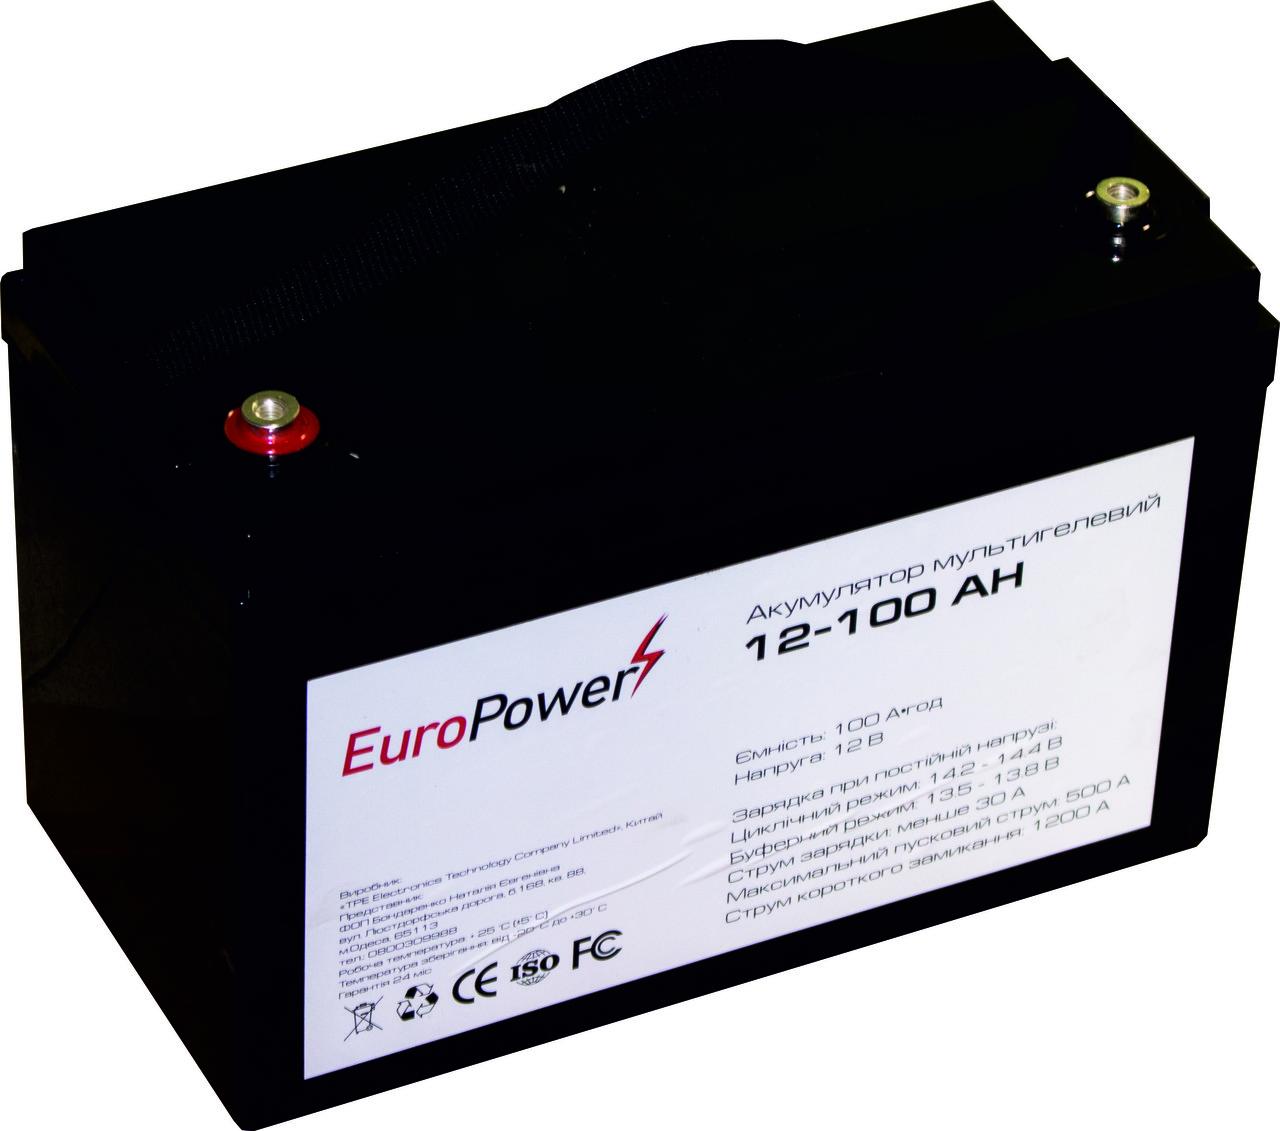 Аккумулятор AGM - 100 Ач, 12В мультигелевый EuroPower 12-100 AH